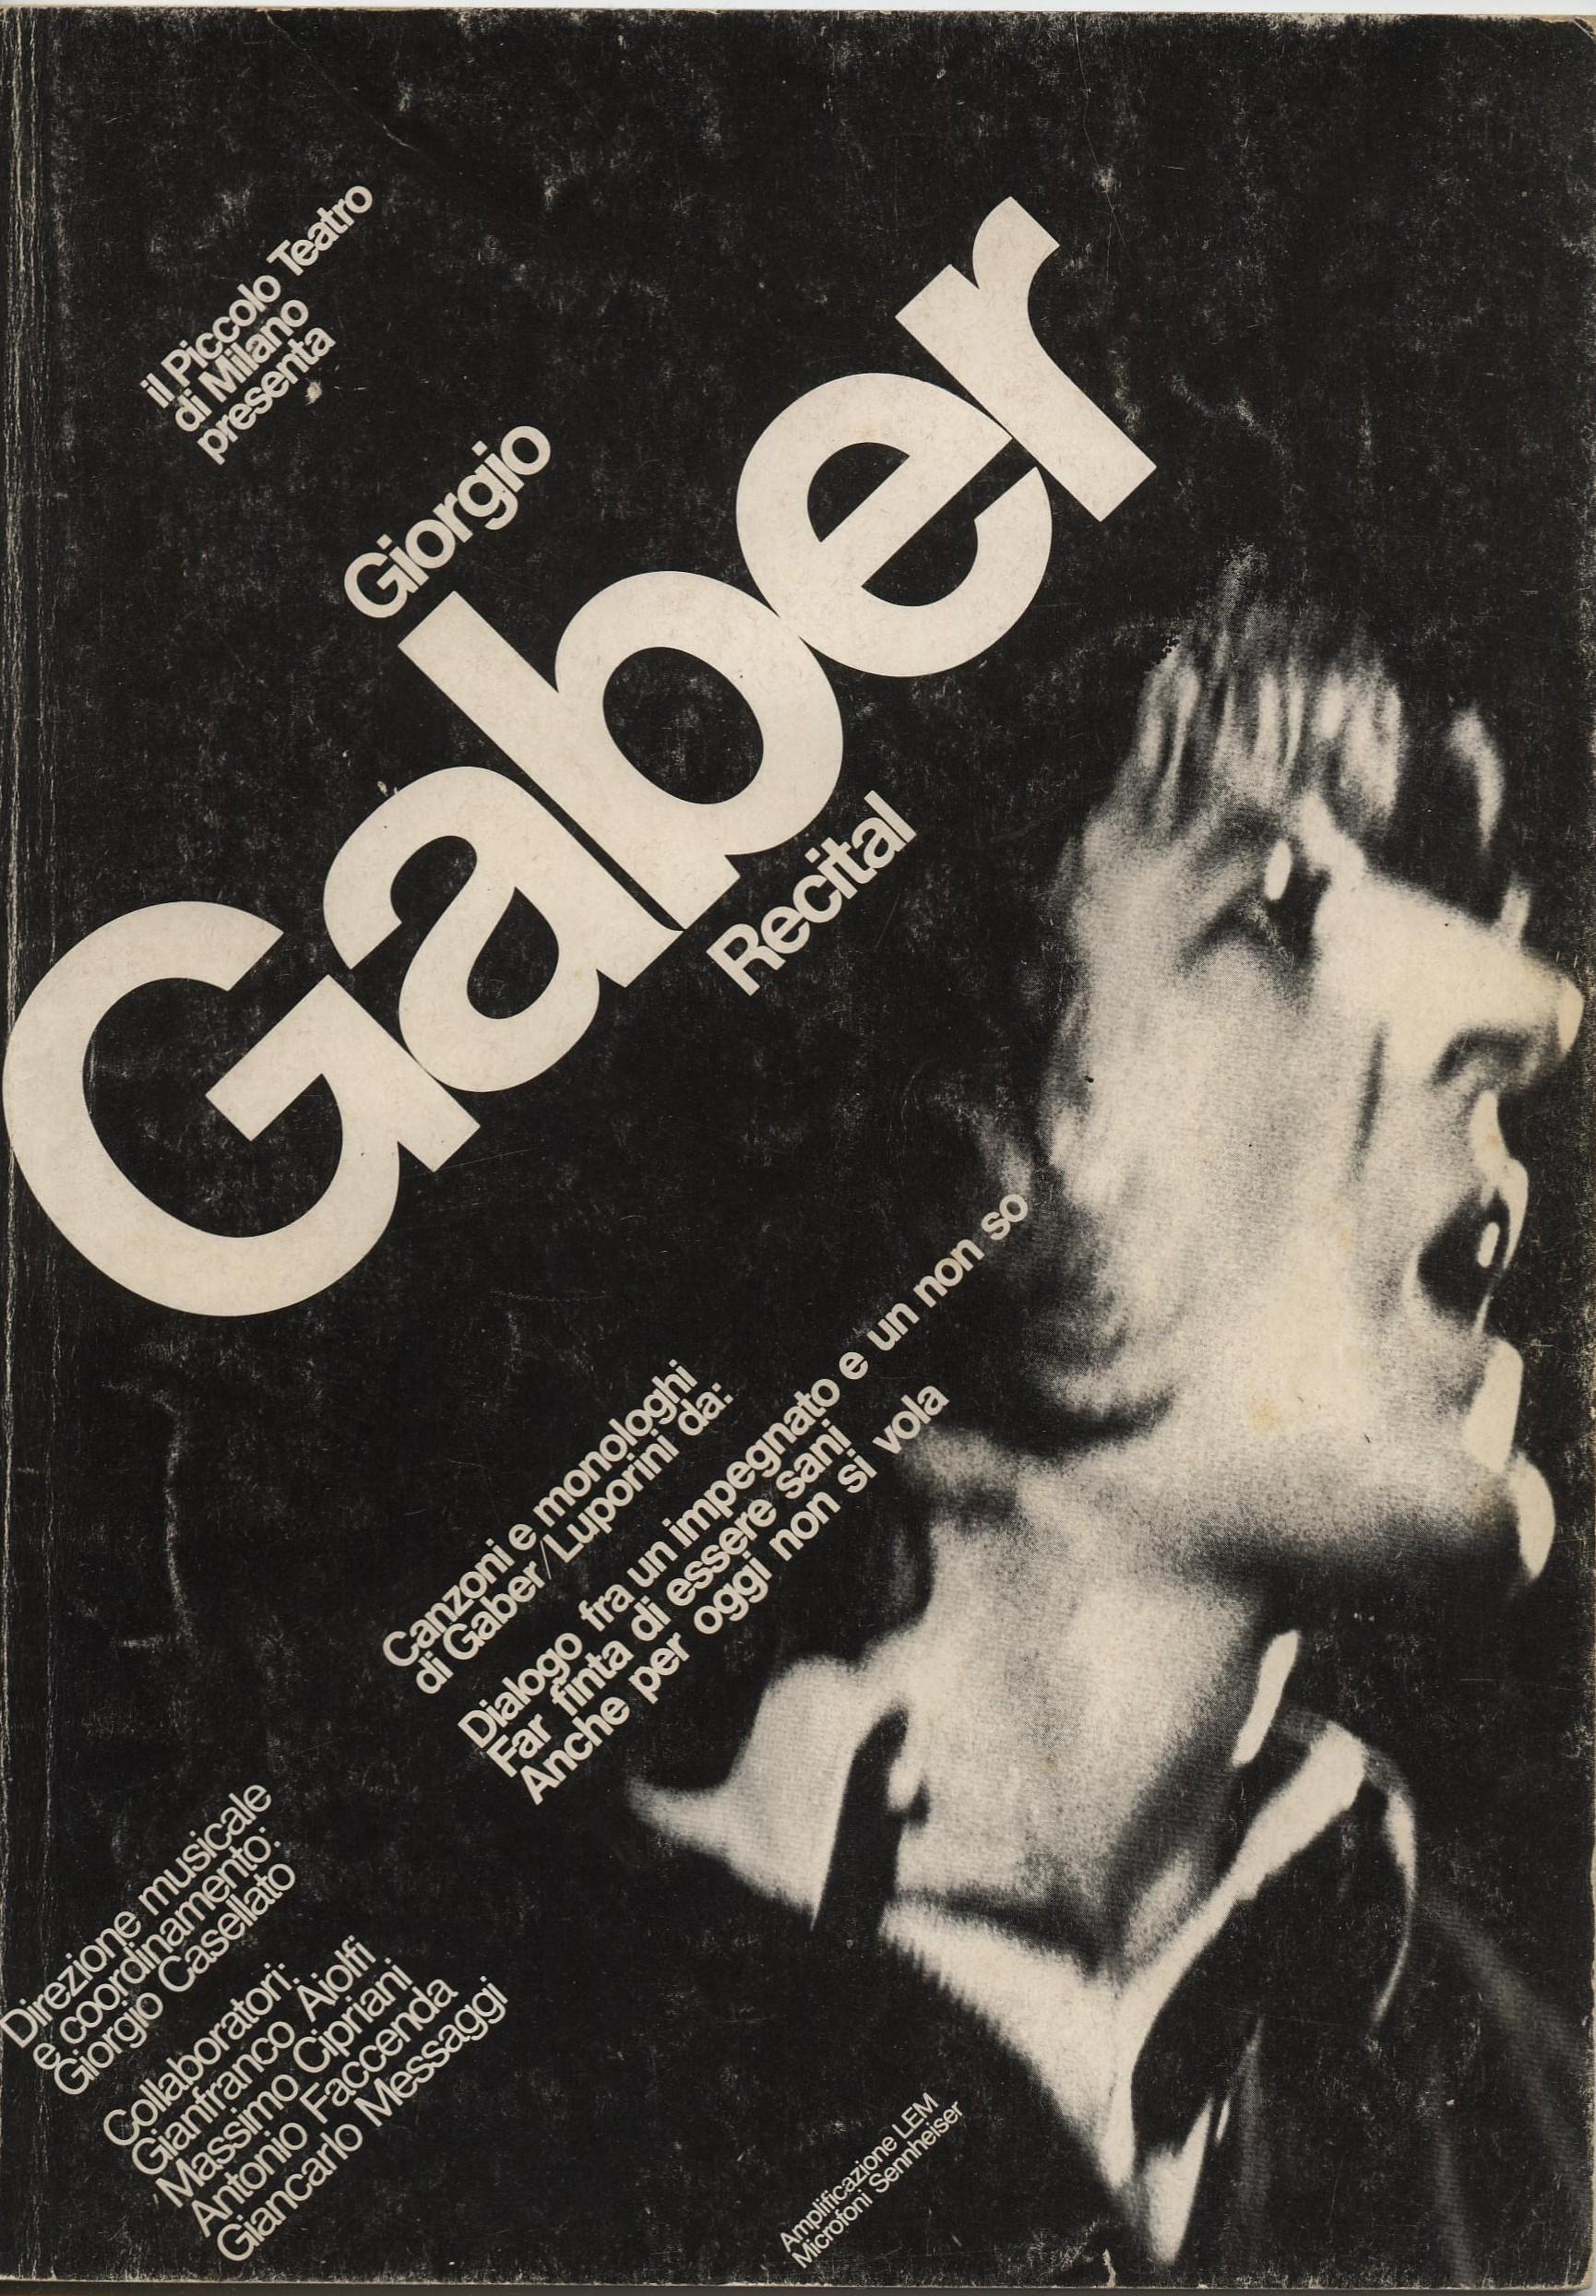 Giorgio Gaber - Reci...